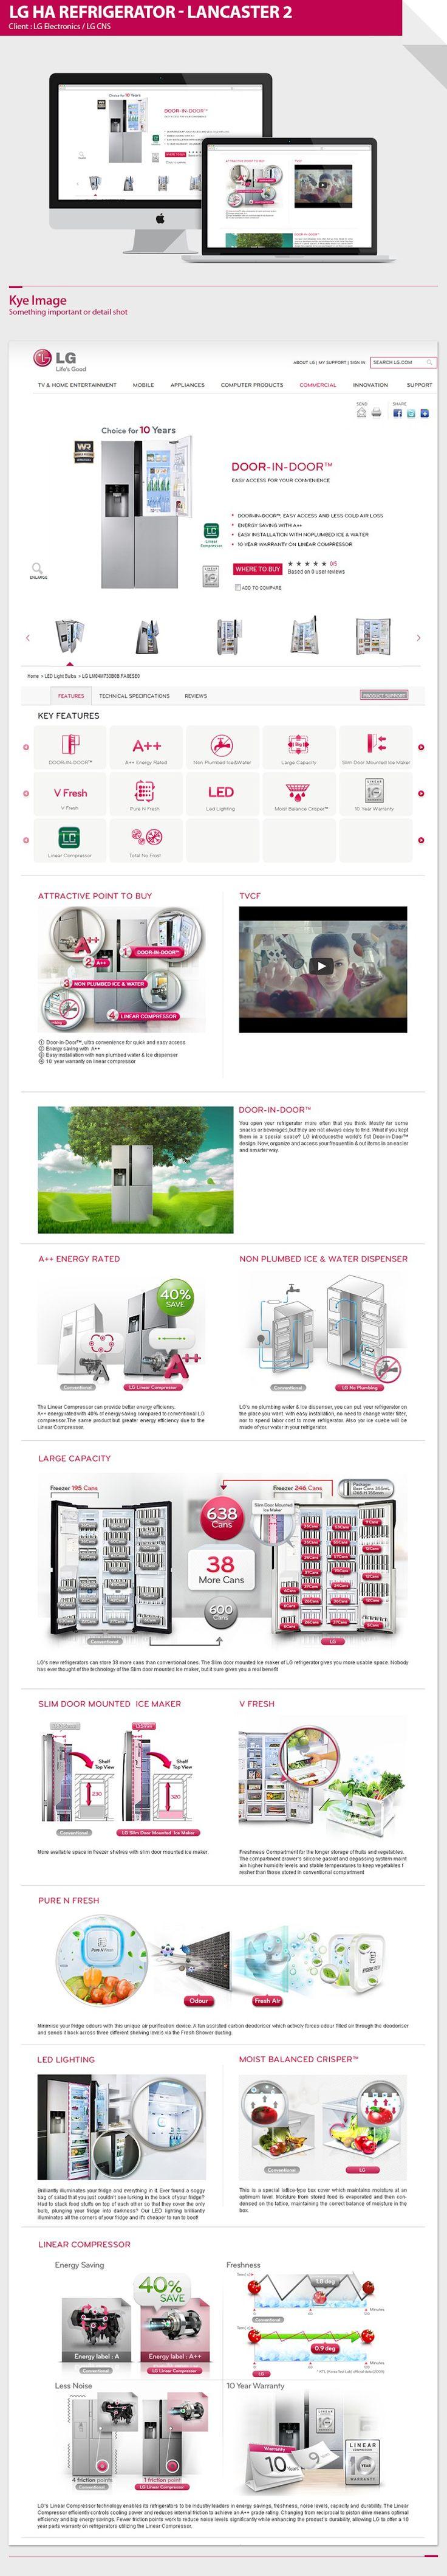 LG HA refrigerator - Lancaster2 USP